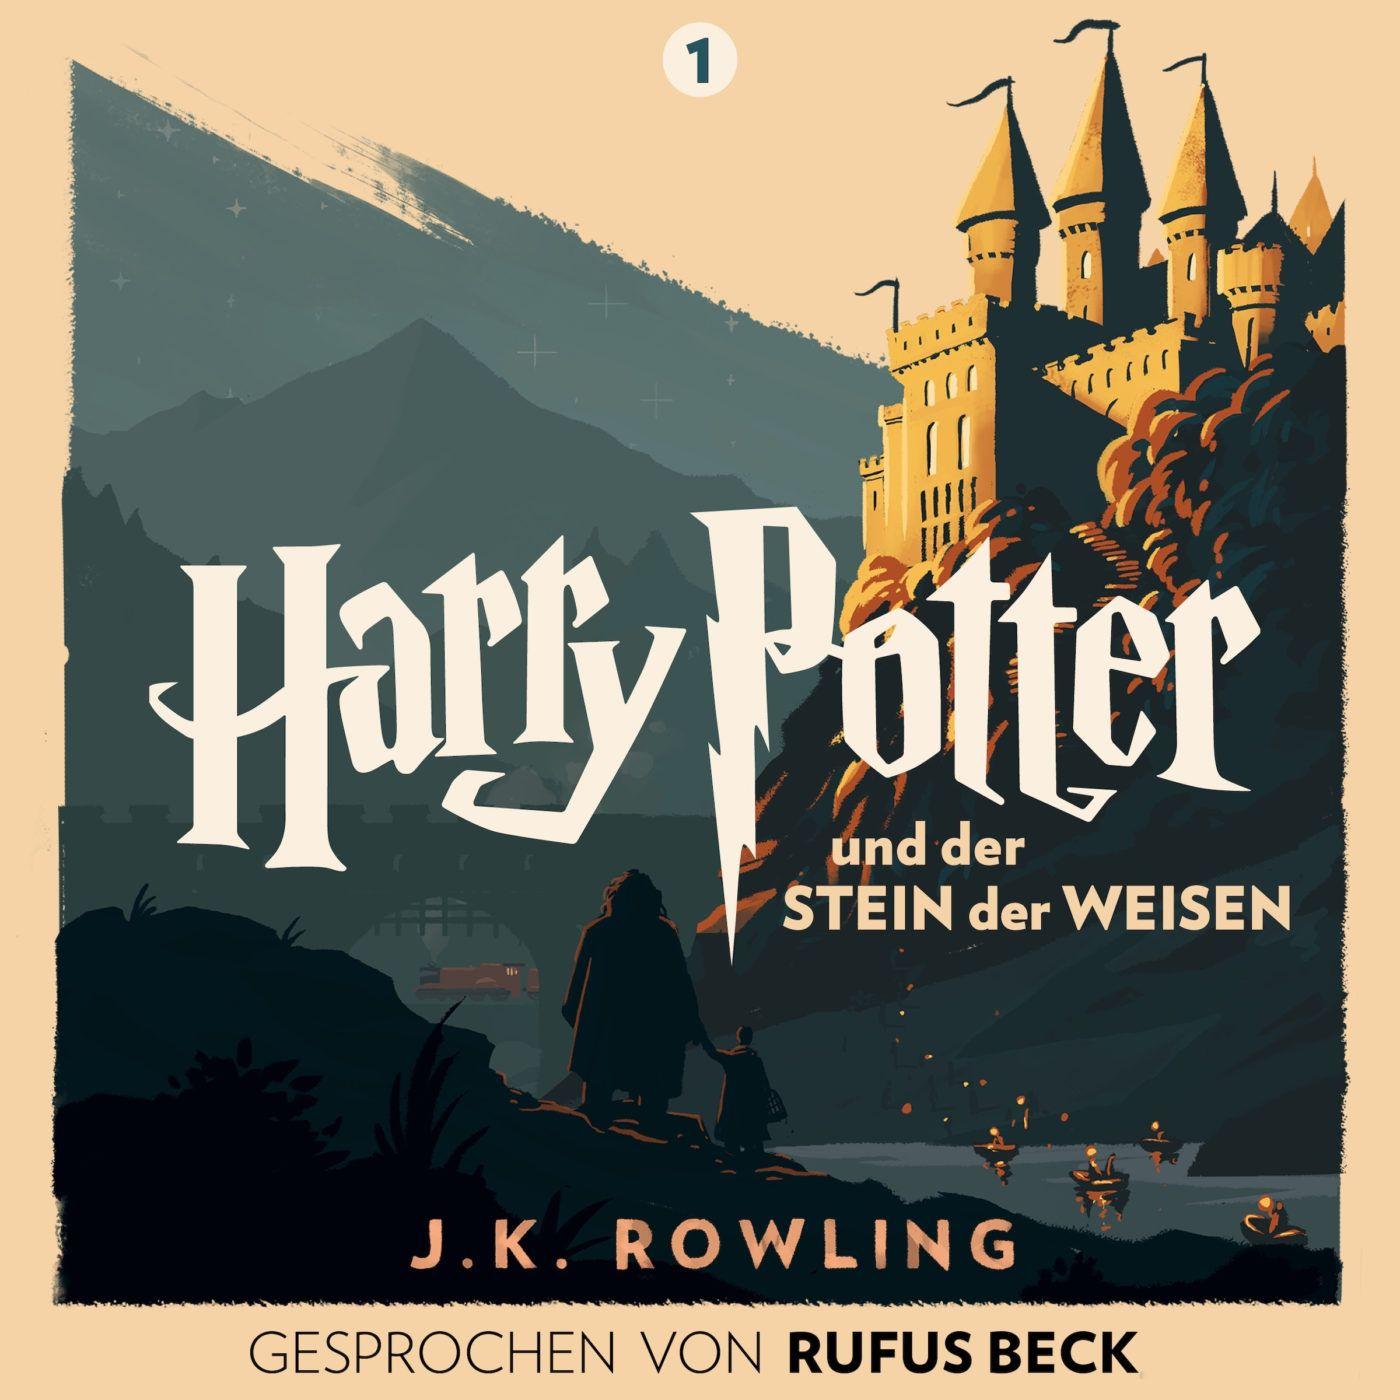 Harry Potter Streamkiste